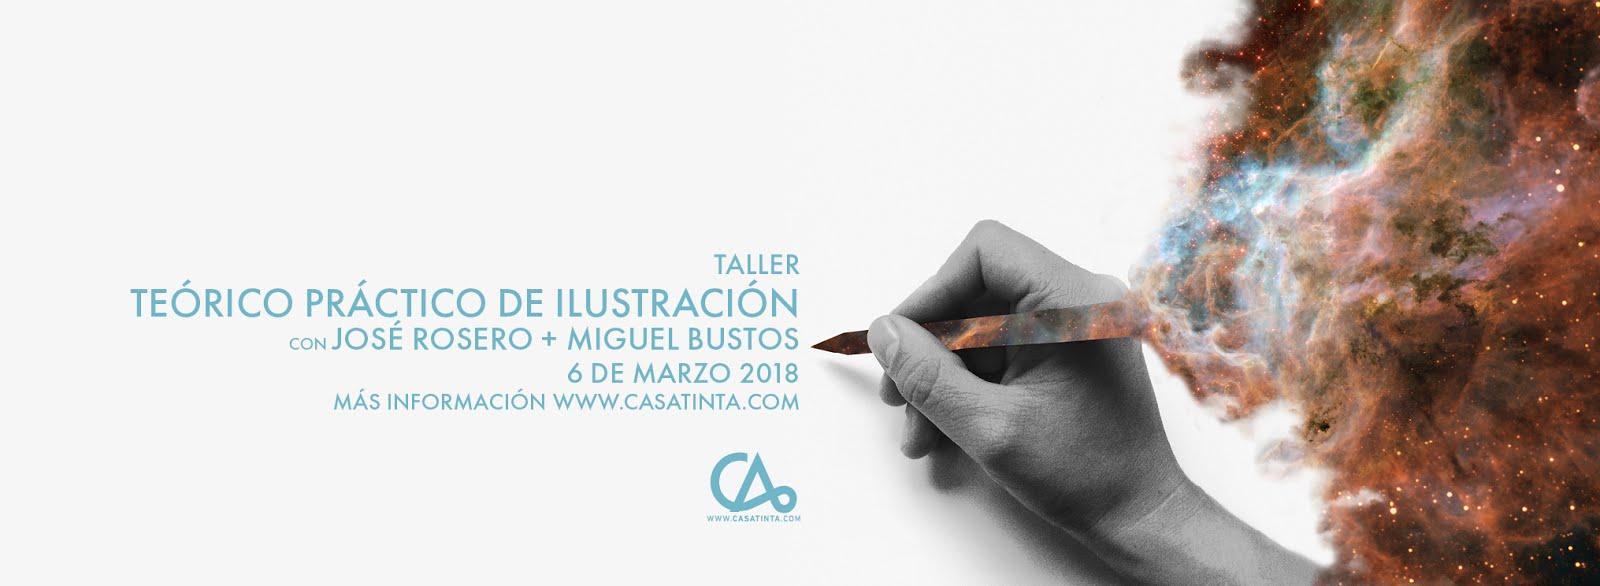 TALLER TEÓRICO PRÁCTICO DE ILUSTRACIÓN // 6 de marzo